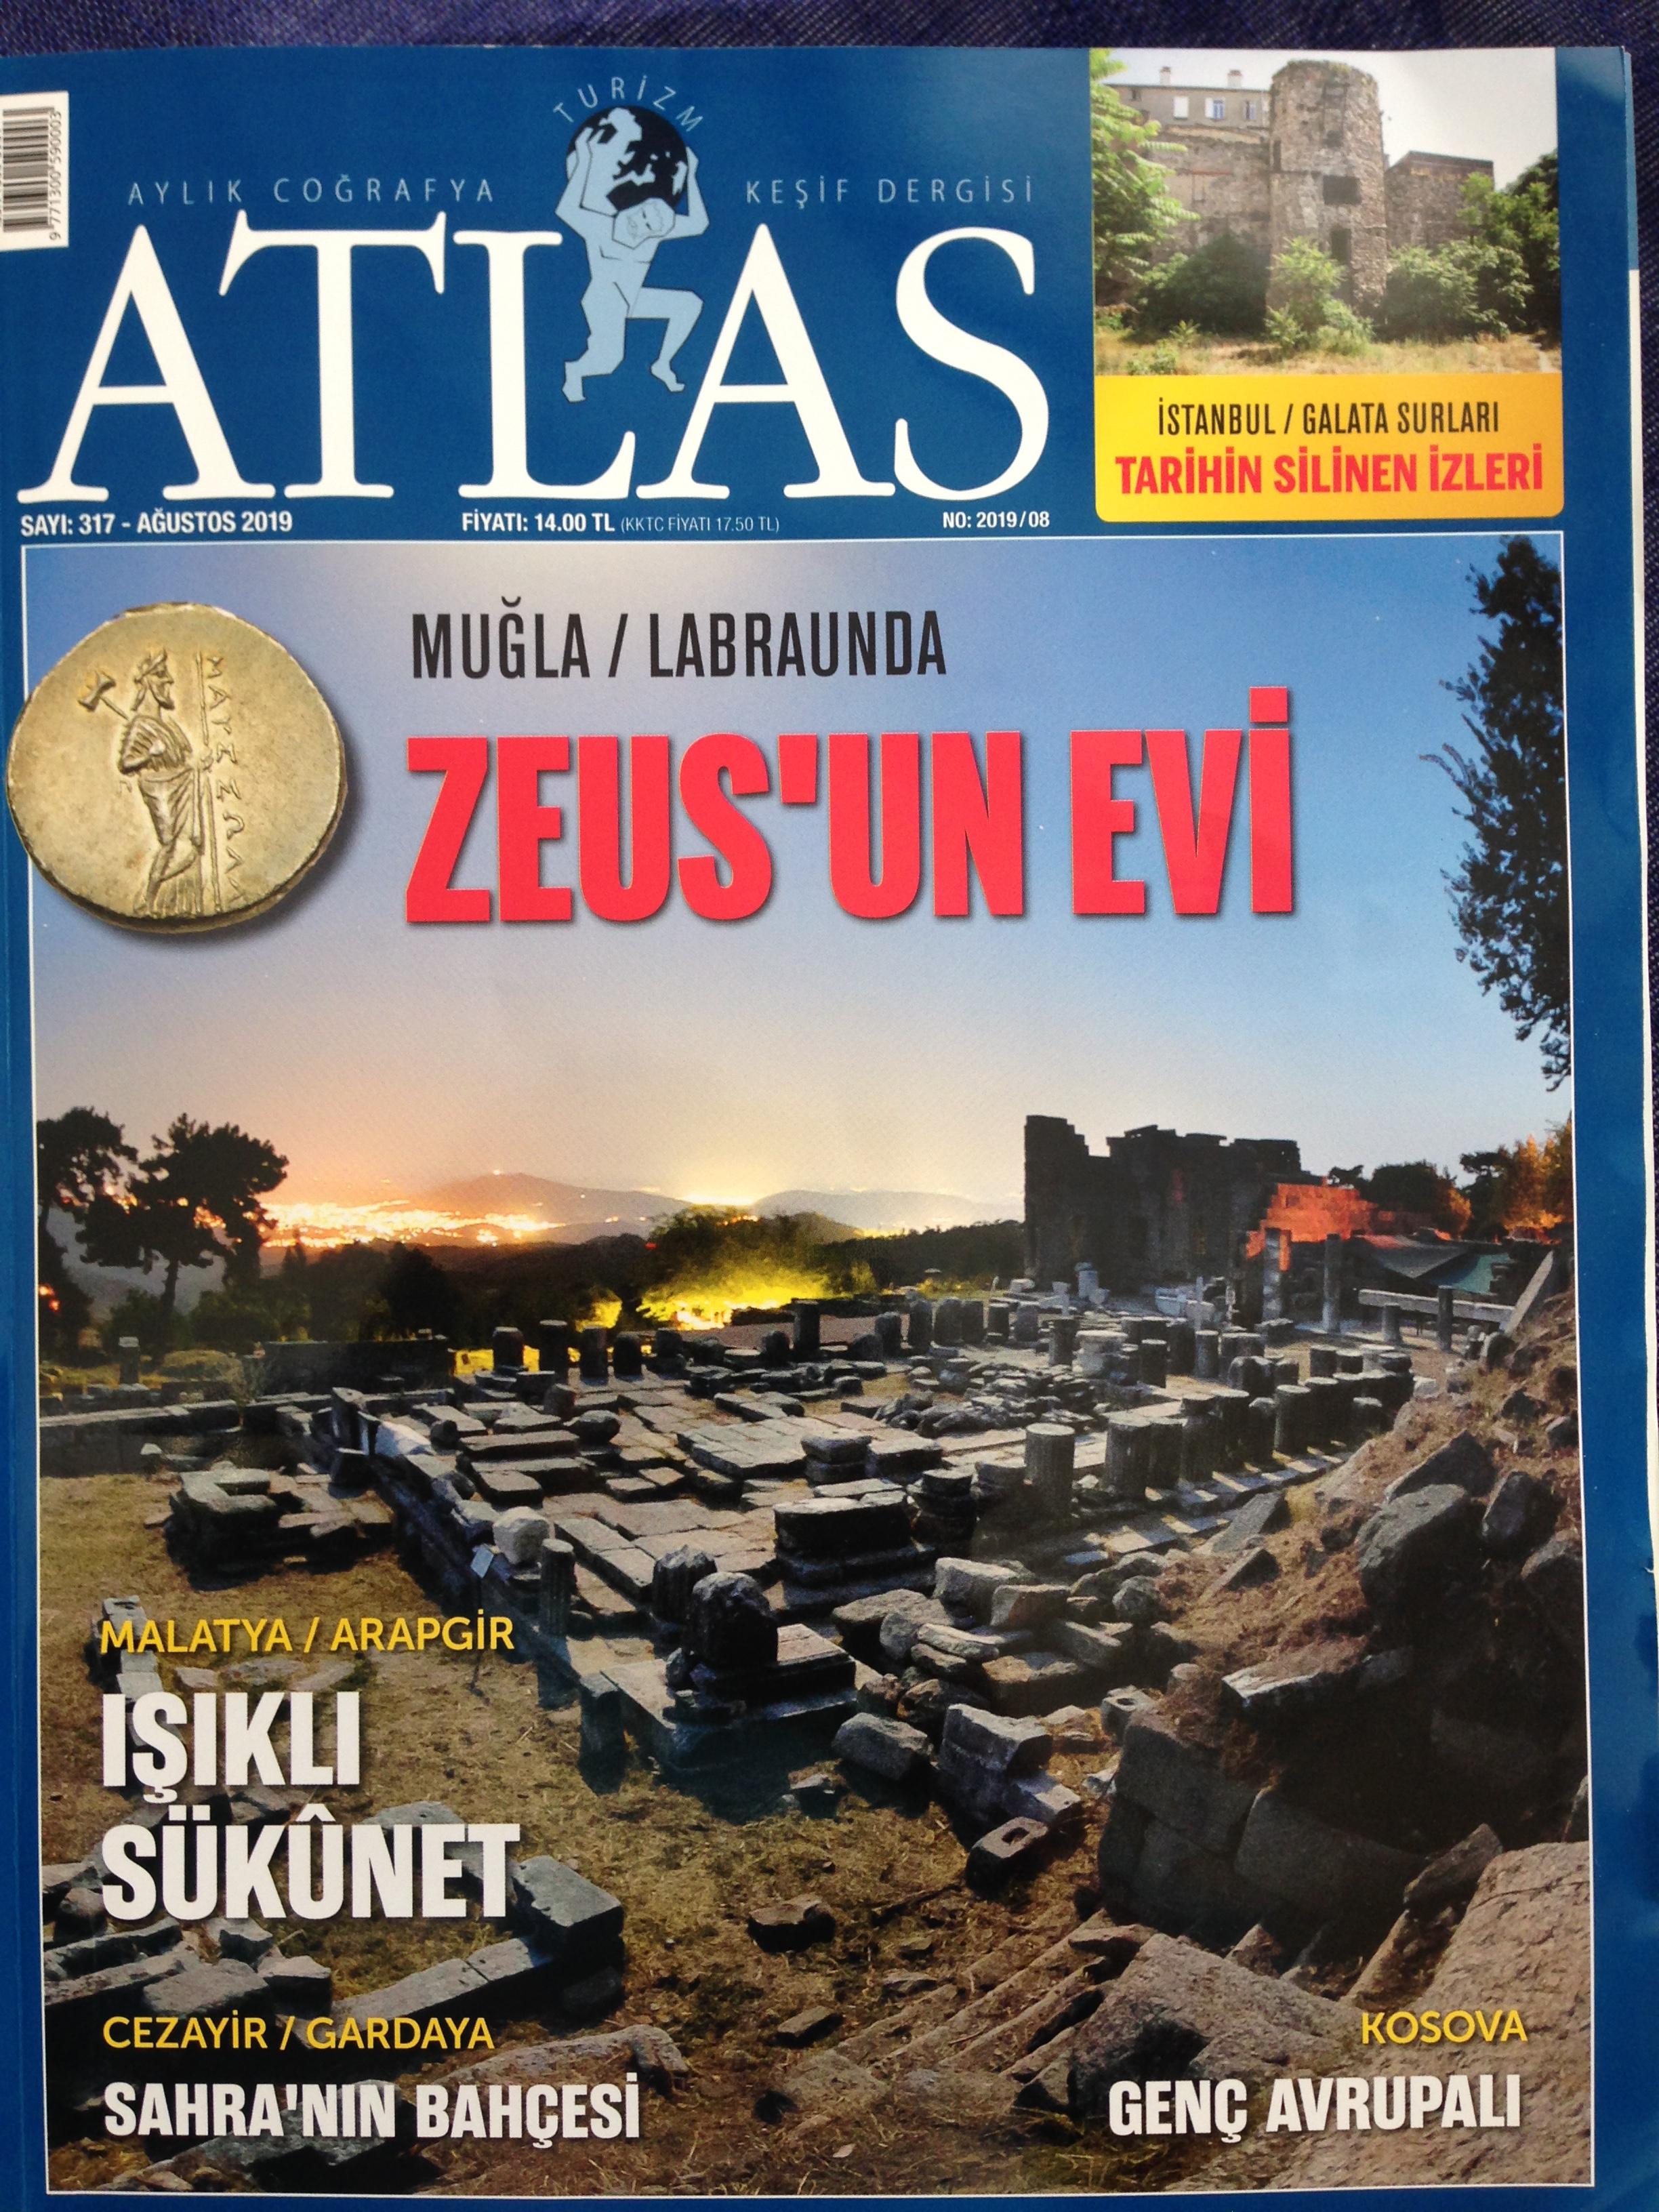 ATLAS DERGİSİ ARAPGİR'E BÜYÜK YER VERDİ